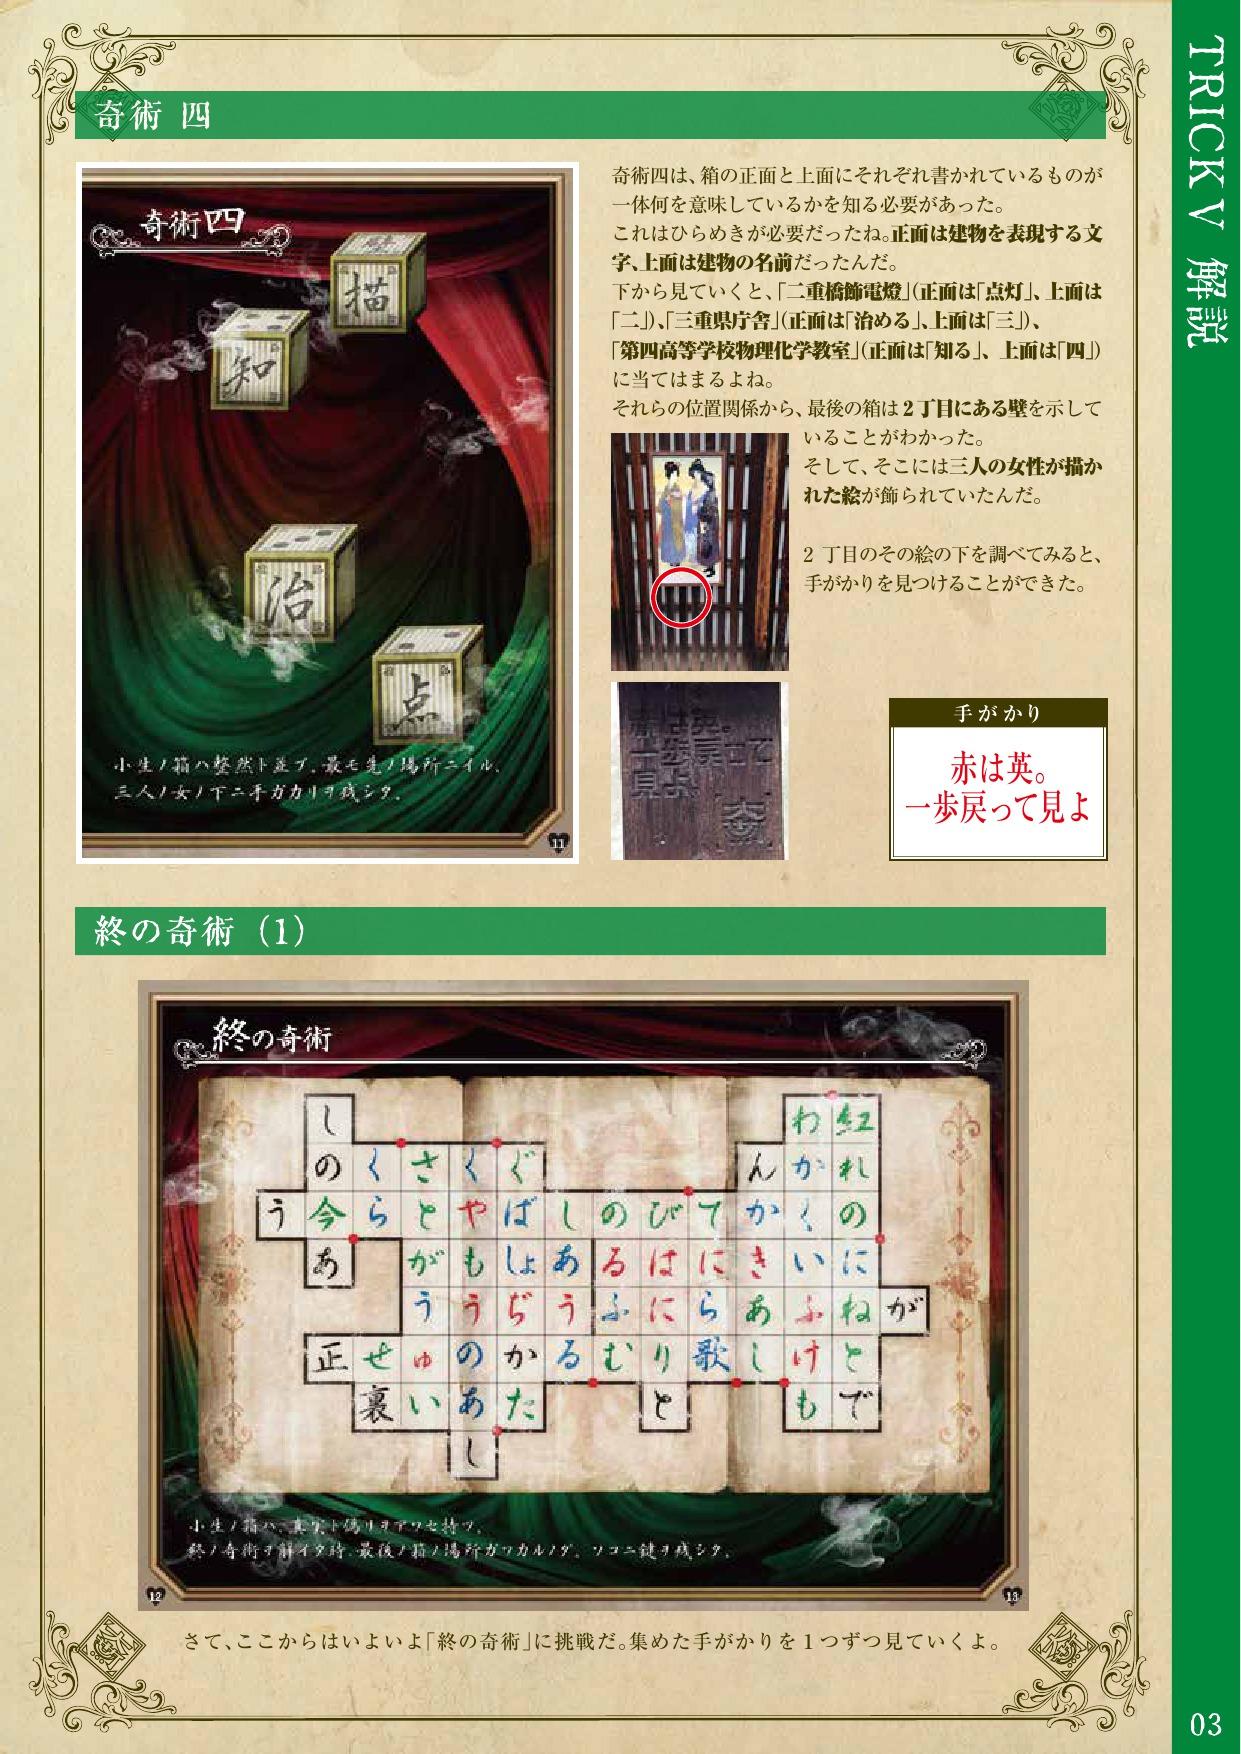 明治村探検隊トリックⅤの解答 (3)